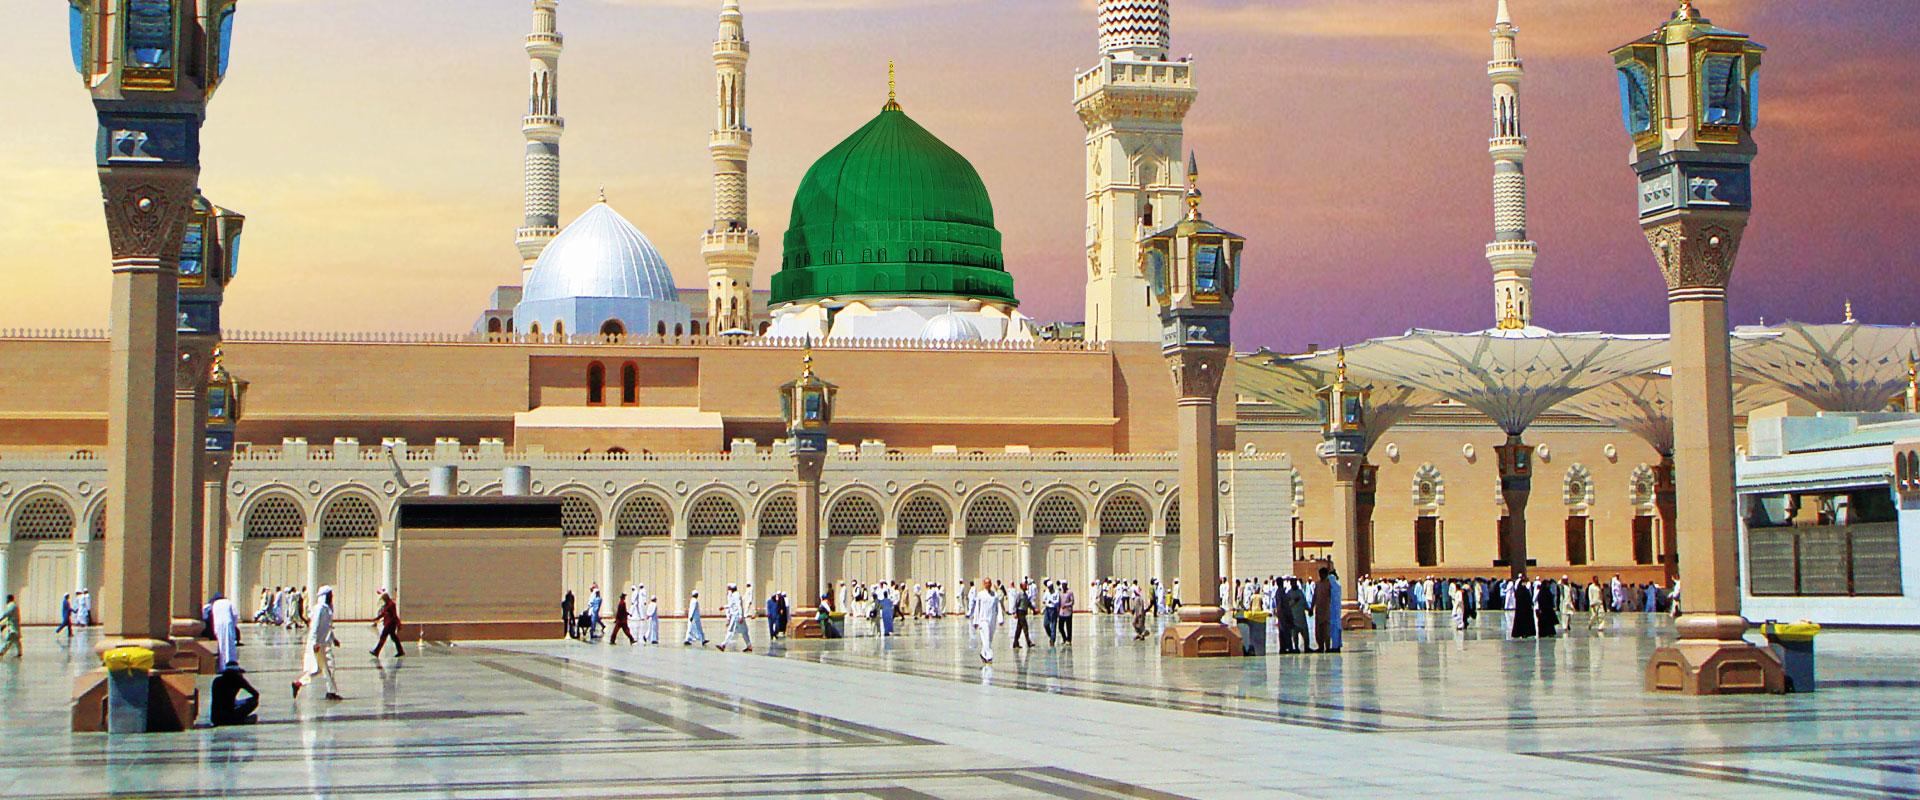 Cheap Flights From London To Madinah Royal Travel